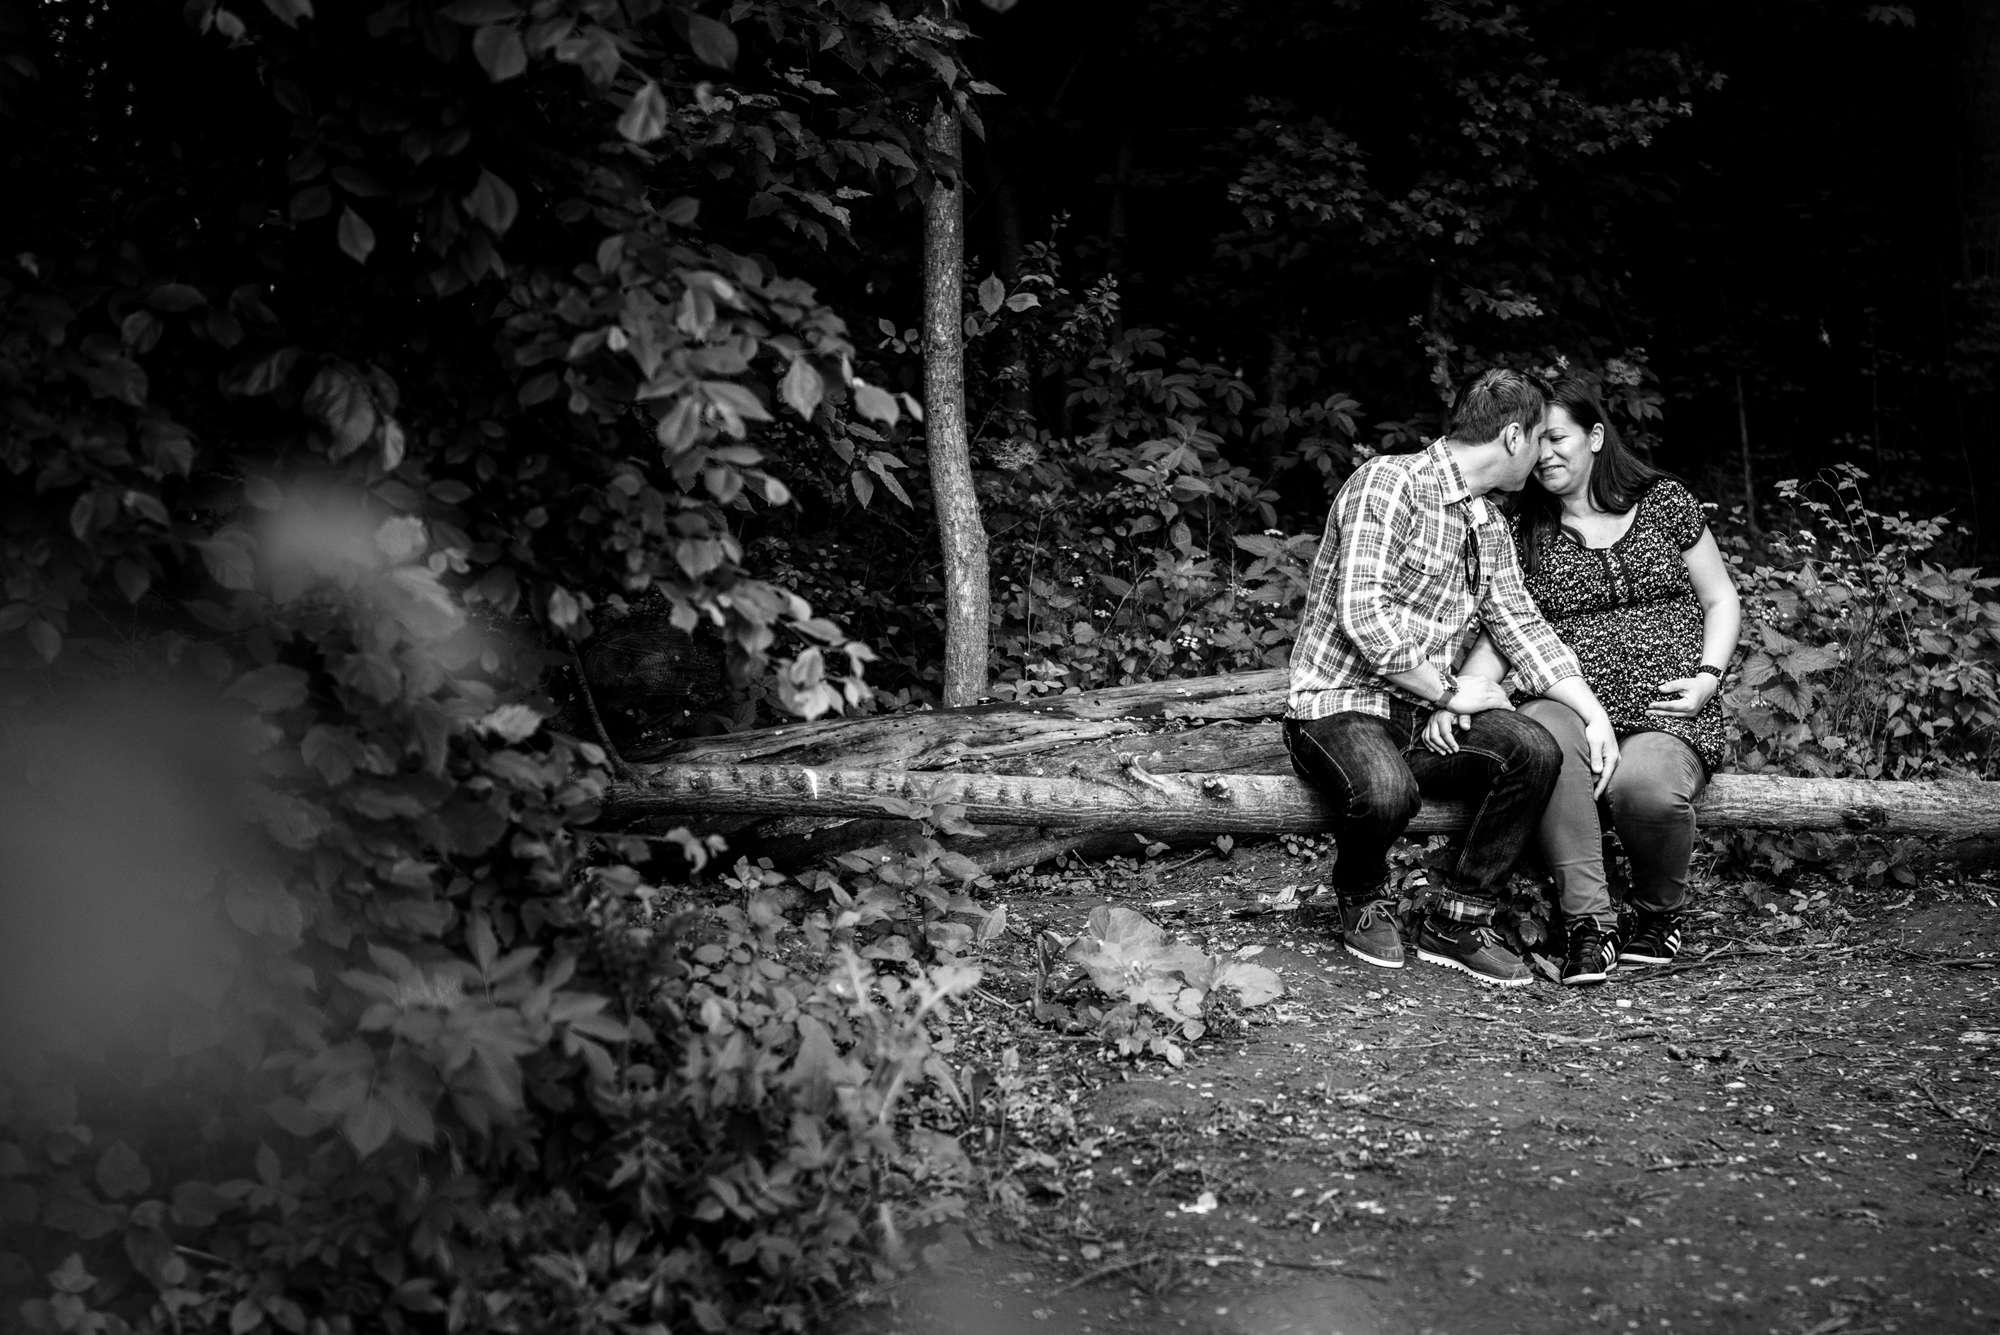 Fotografie maternitate | fotograf Andi Iliescu